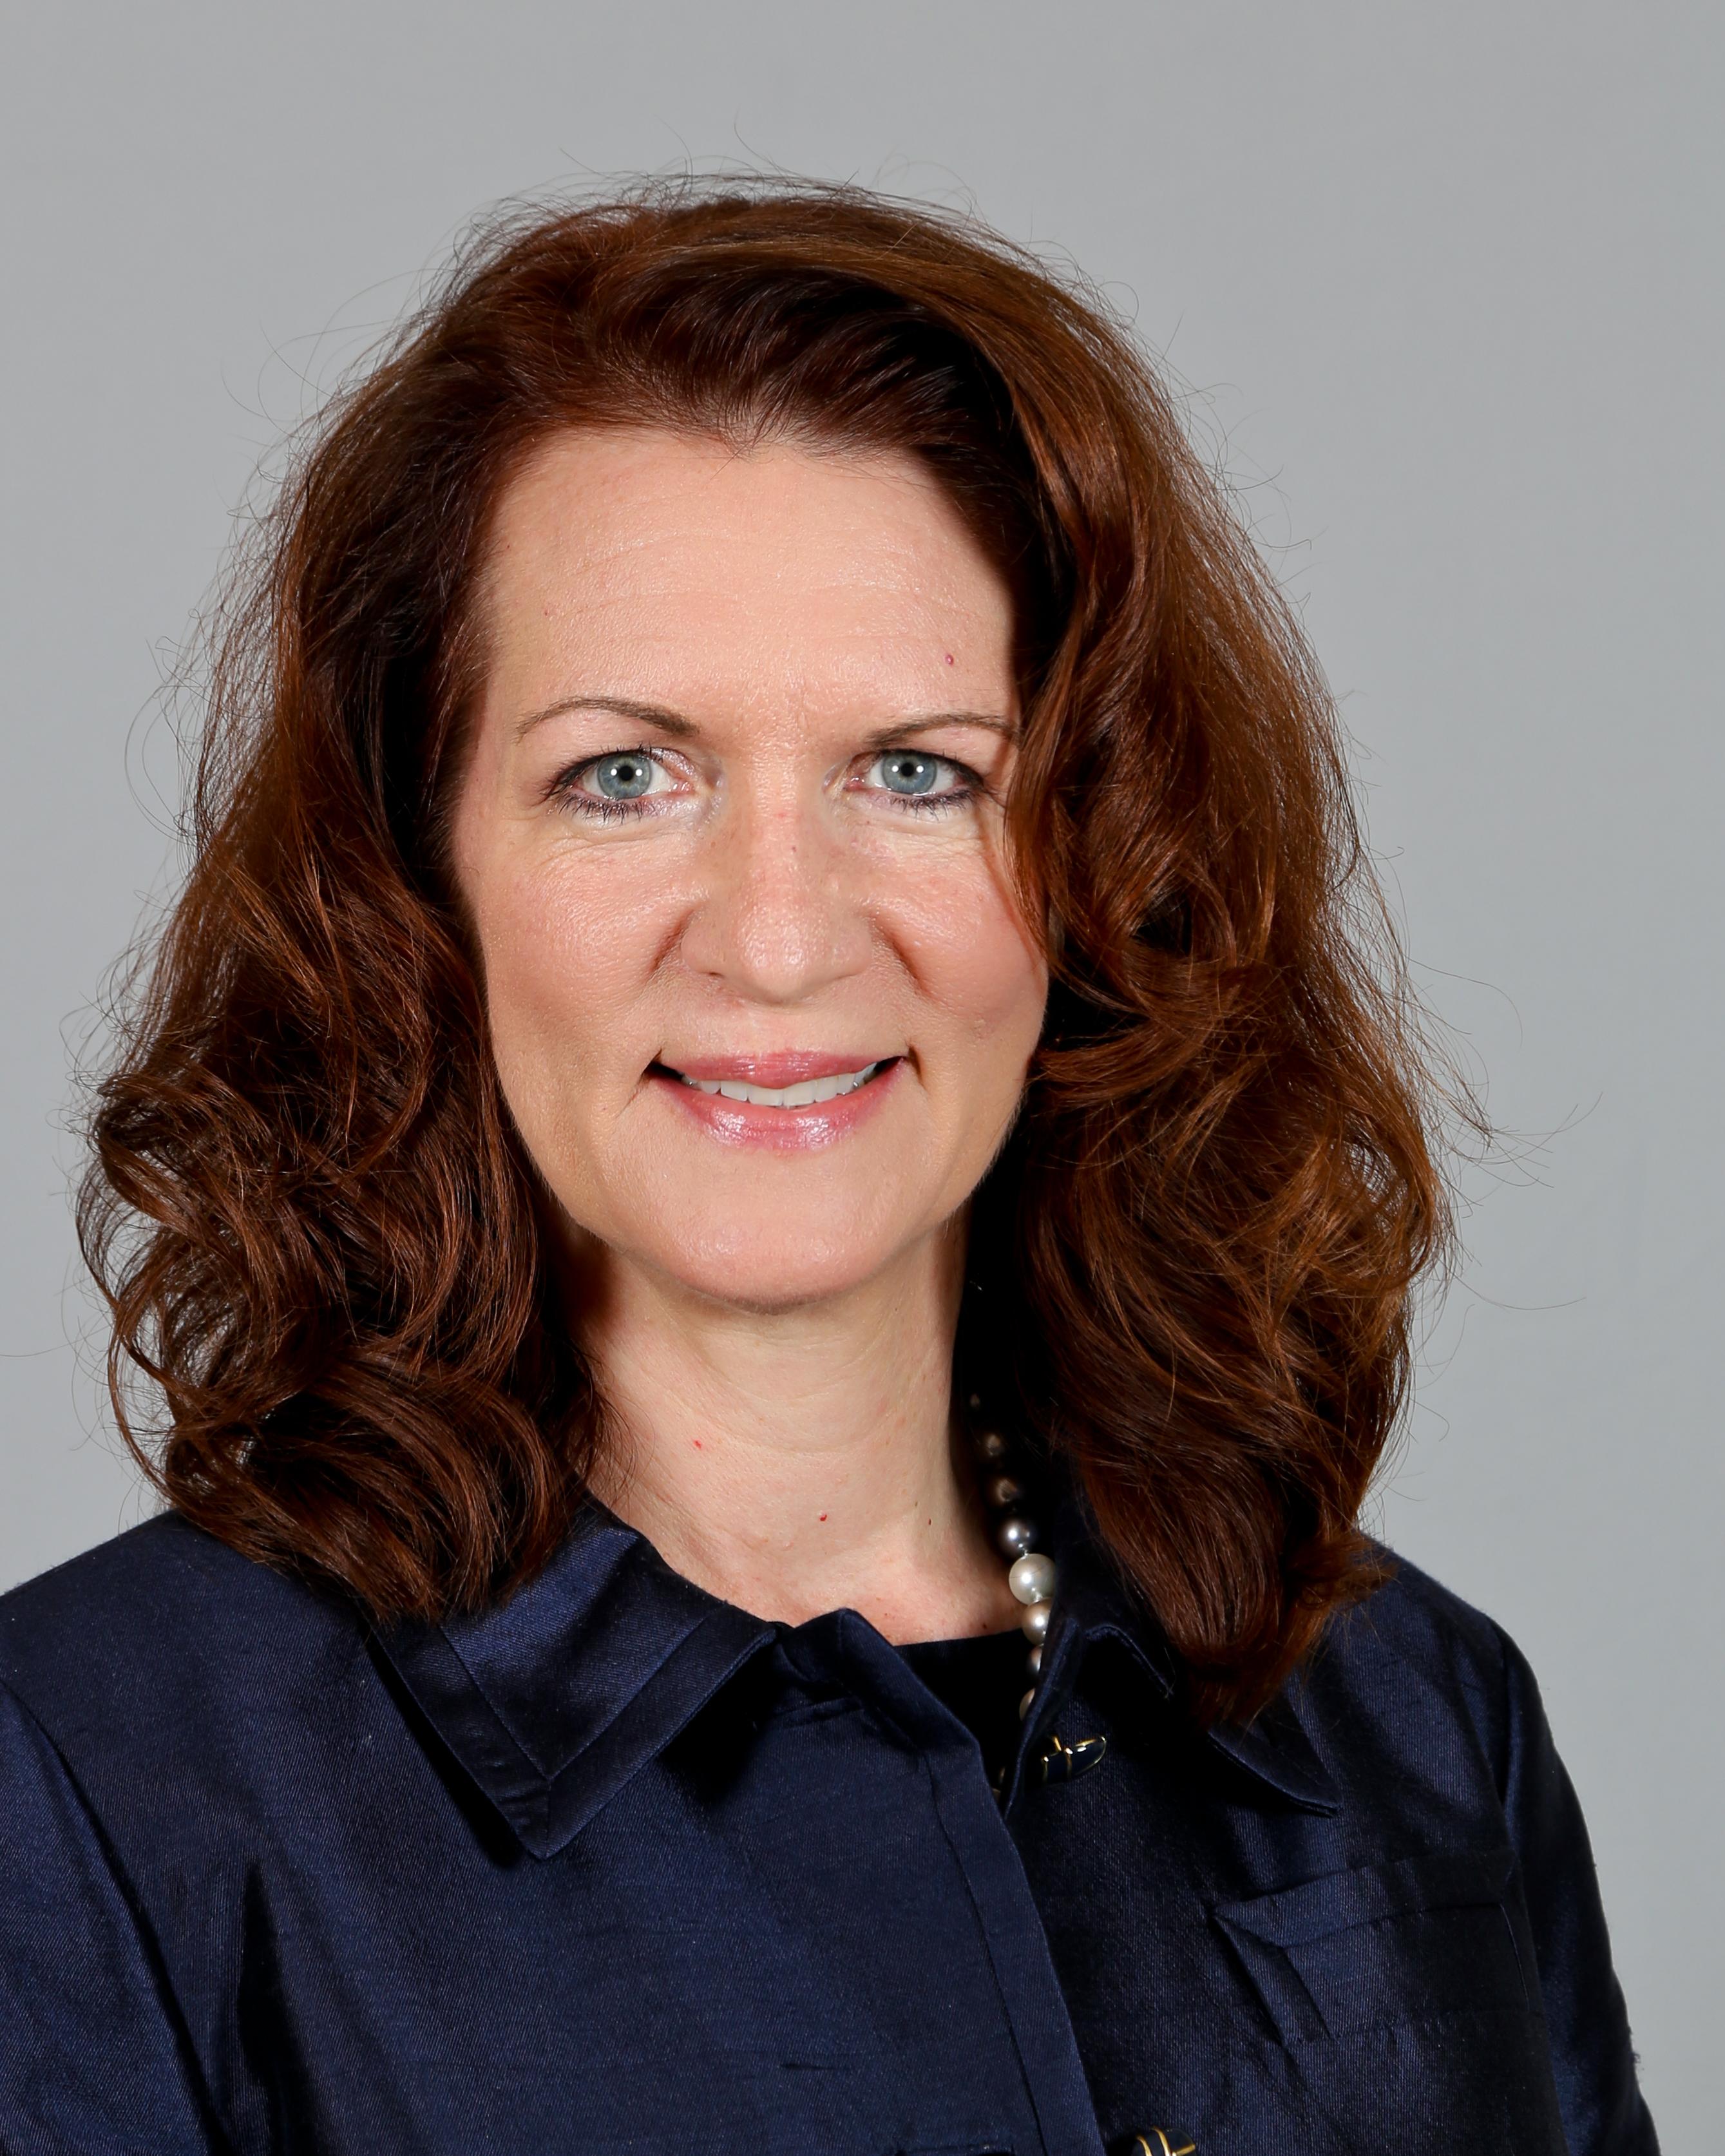 Melanie Wiscount Portrait Photo